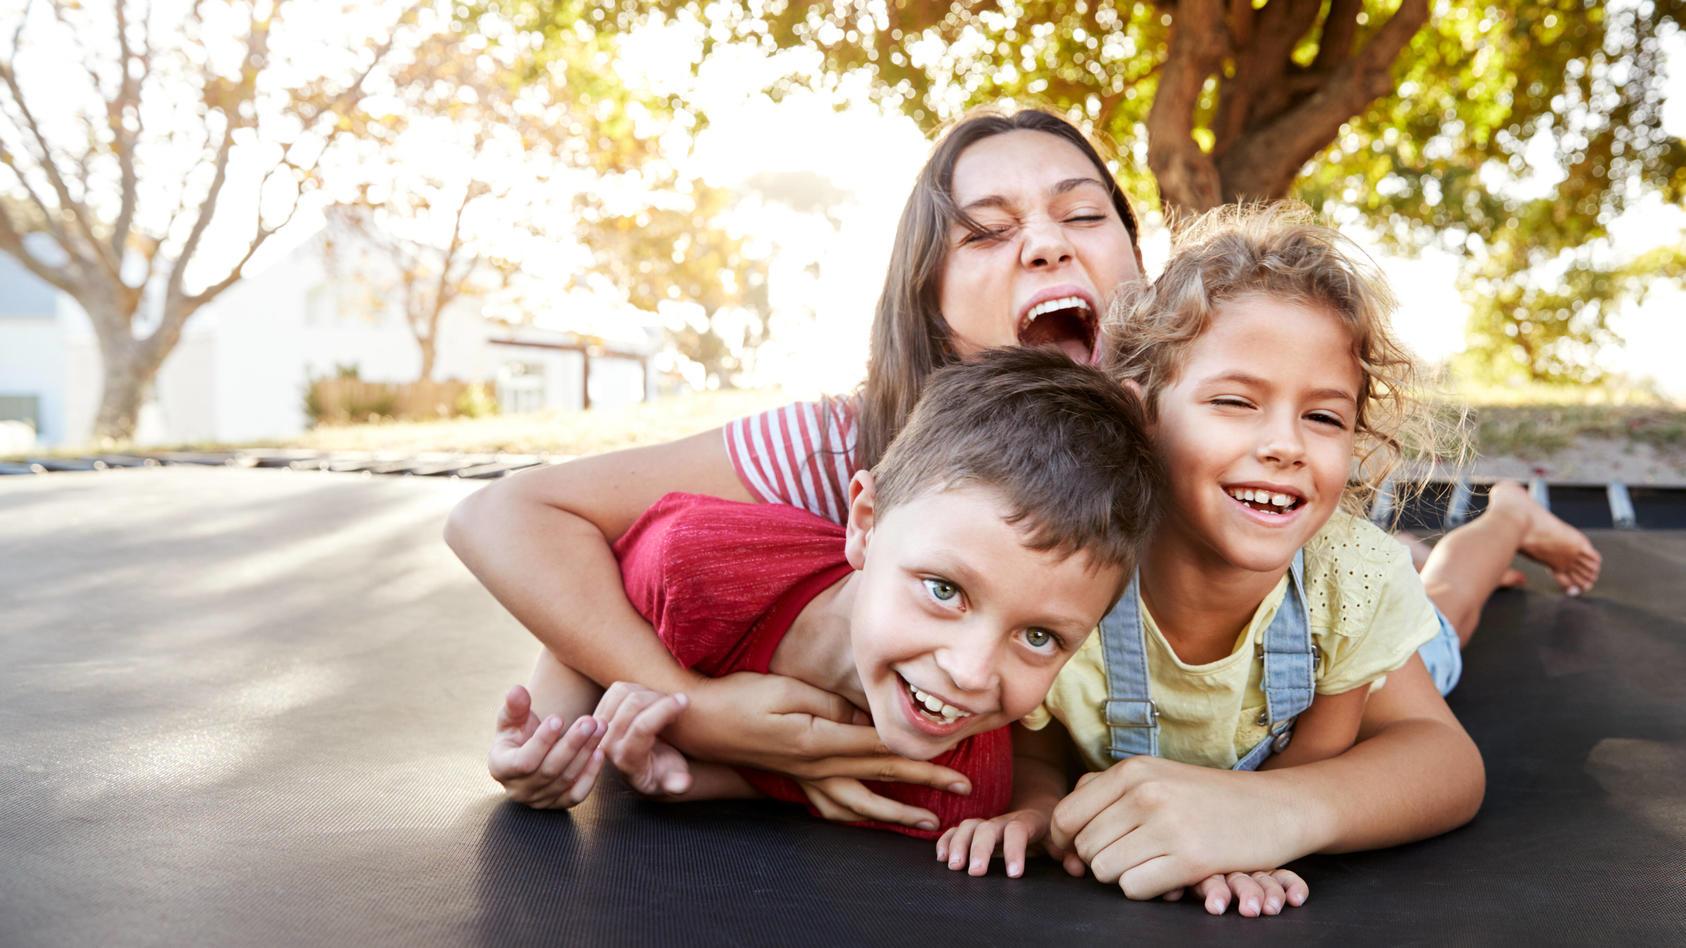 Spaß auf Trampolin und Co: Diese Outdoor-Spielzeuge lieben Kinder im Sommer.